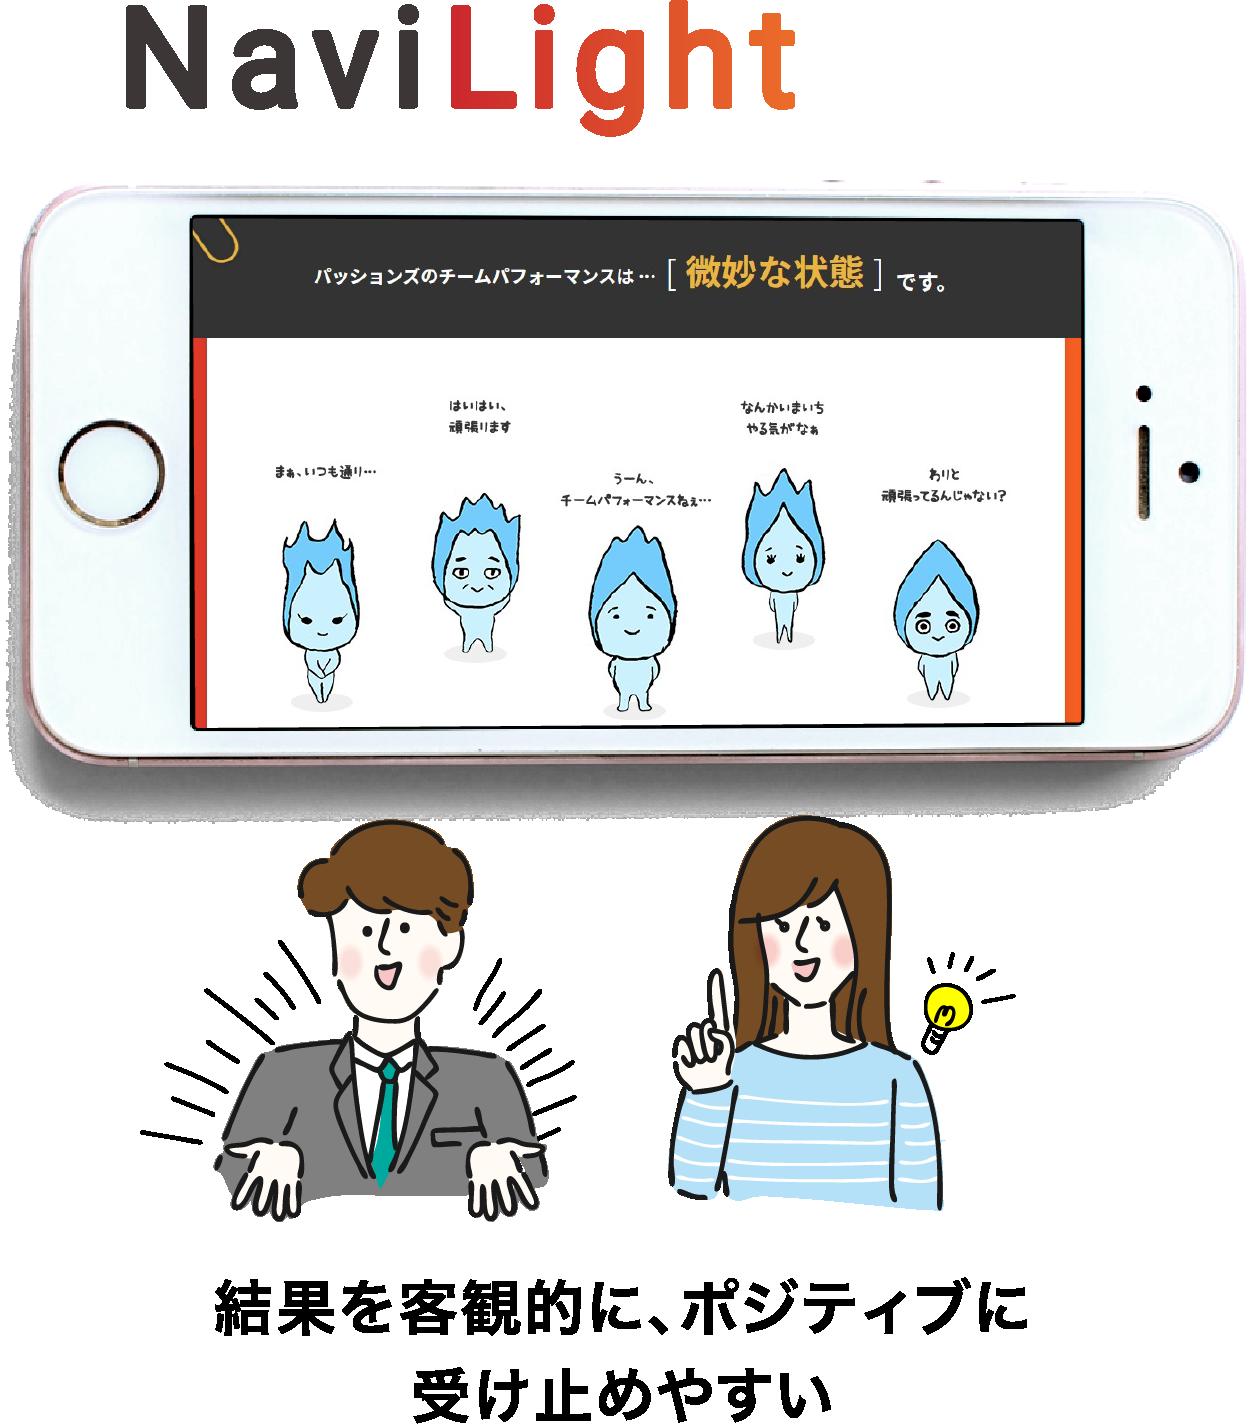 NaviLightは結果を客観的に、ポジティブに受け止めやすい